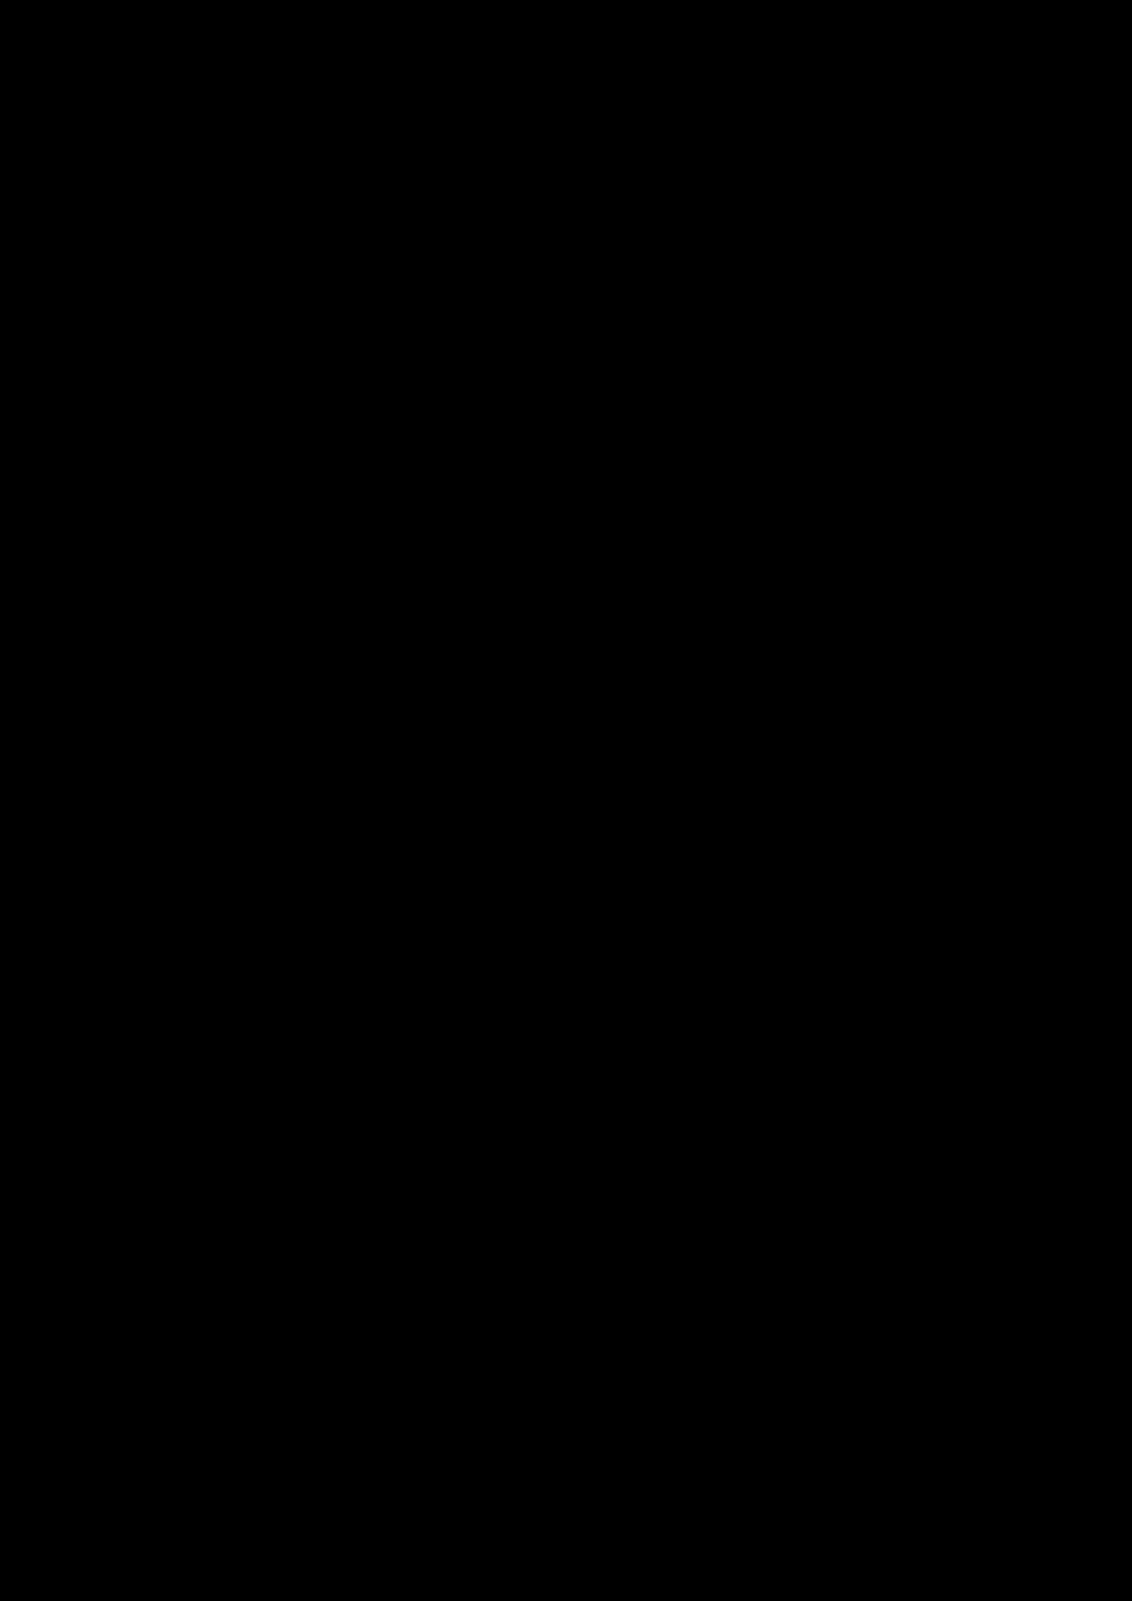 Proschanie s volshebnoy stranoy slide, Image 89